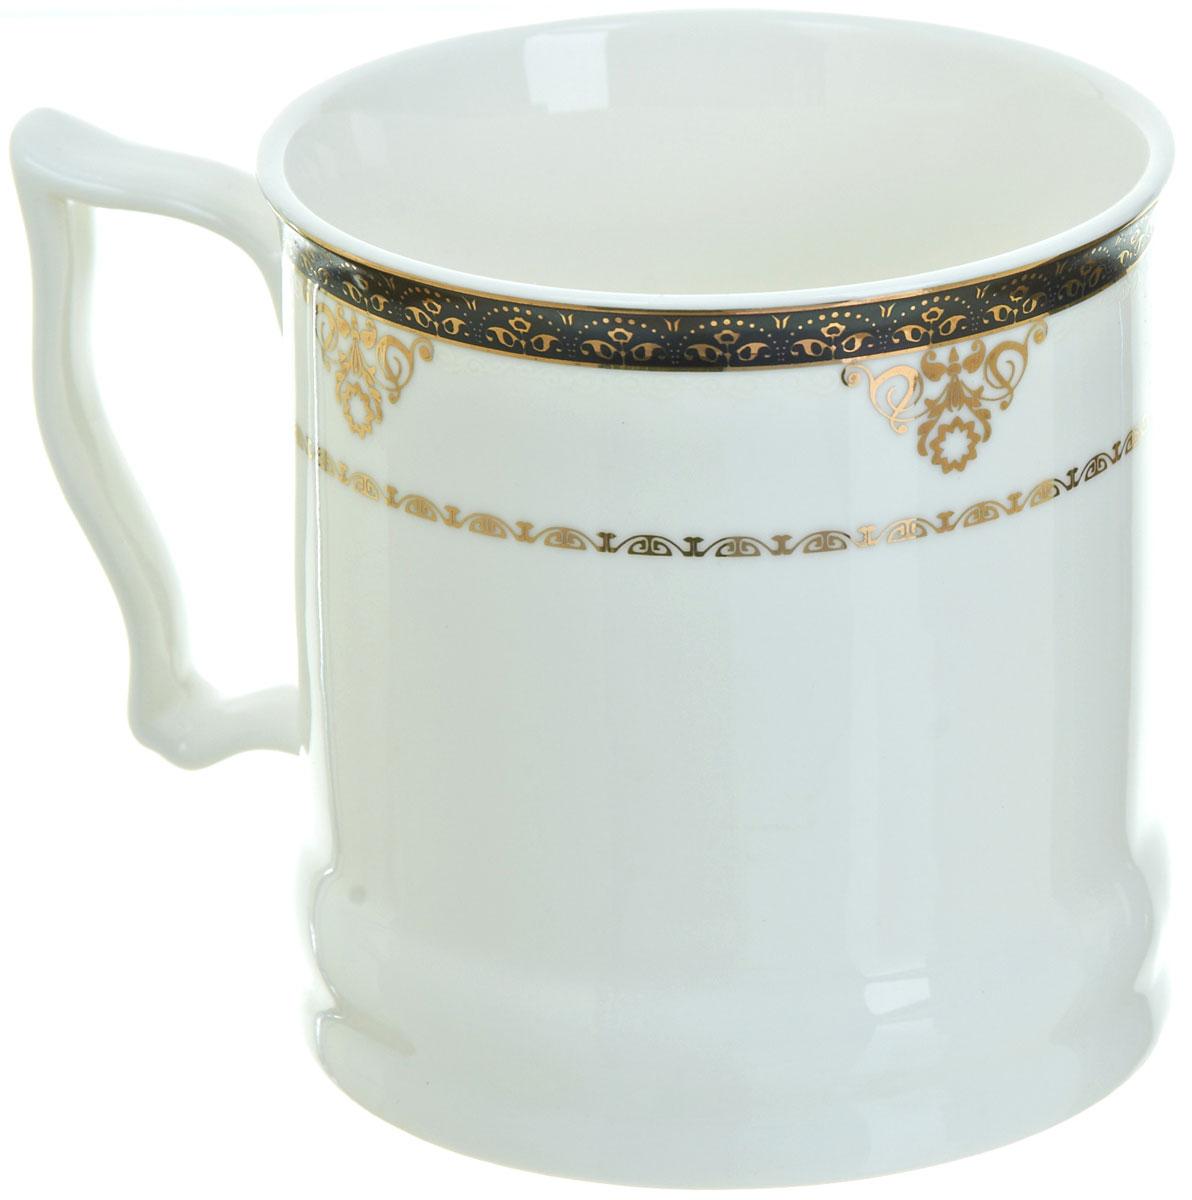 Кружка BHP Королевская кружка, 500 мл. M1870007M1870007Оригинальная кружка Best Home Porcelain, выполненная из высококачественного фарфора, сочетает в себе простой, утонченный дизайн с максимальной функциональностью. Можно использовать в посудомоечной машине.